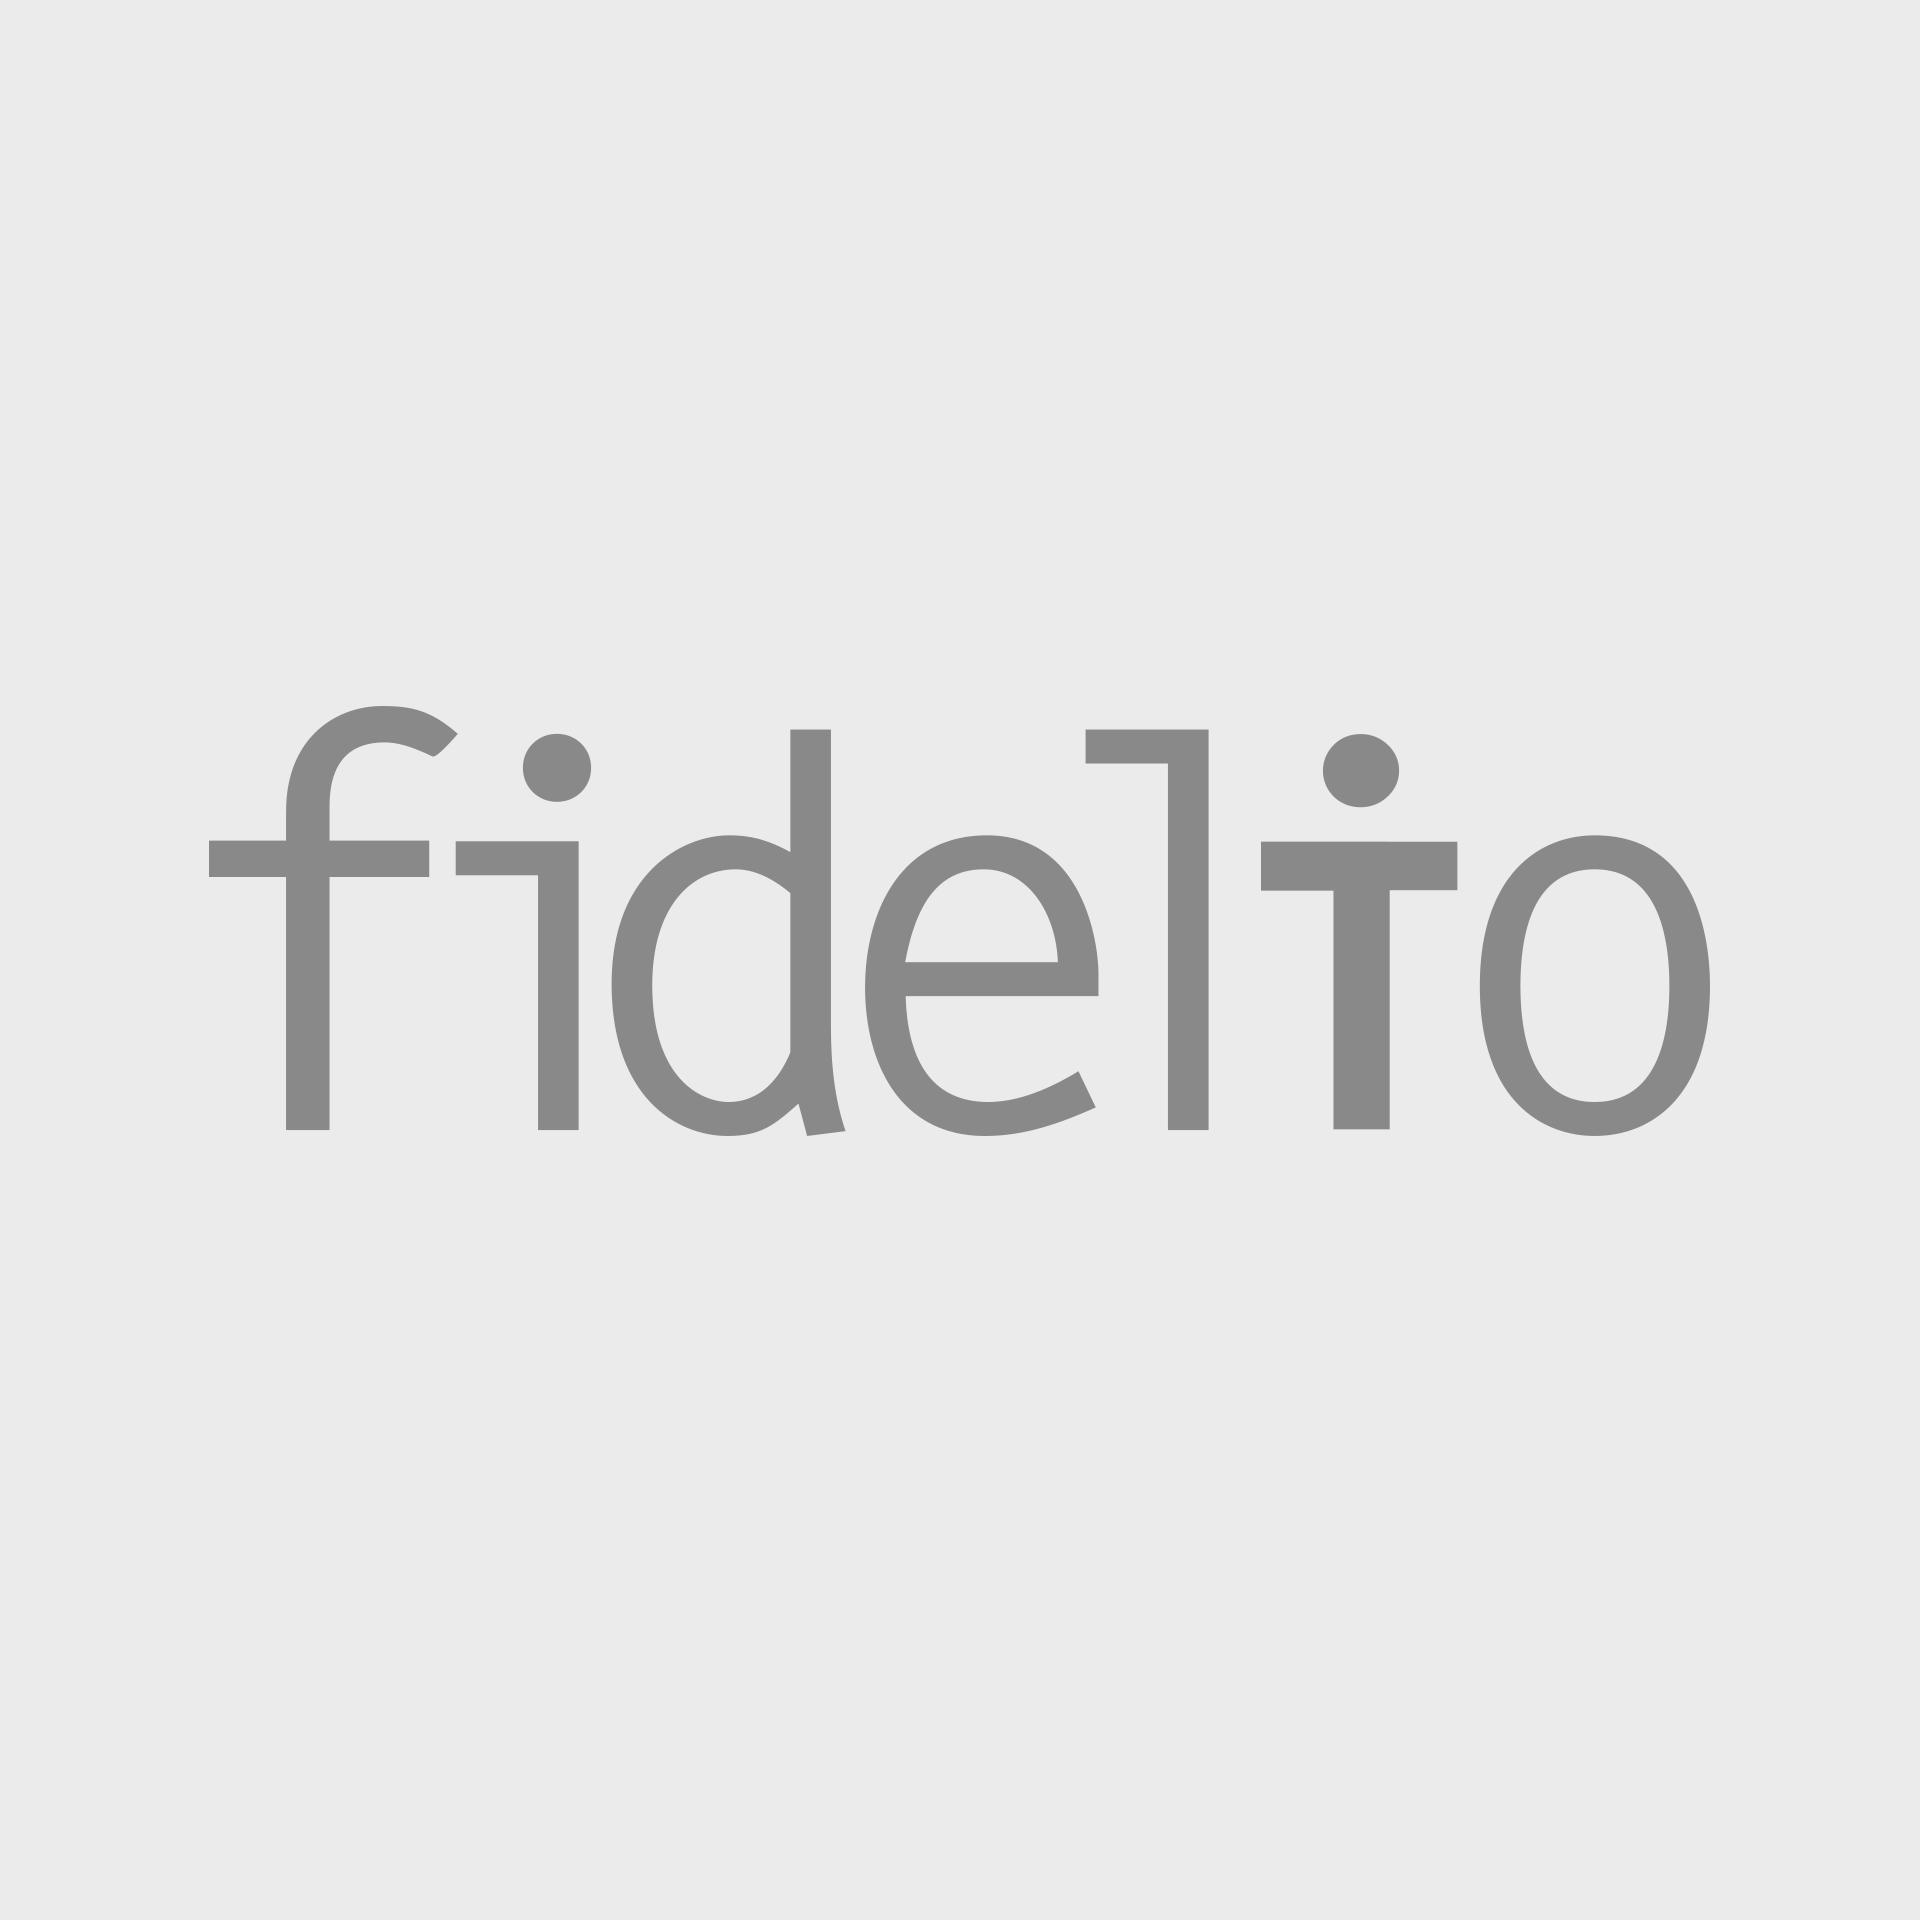 Fidelio Napi Zene – Karády Katalin: Egyszer csak mindennek vége lesz